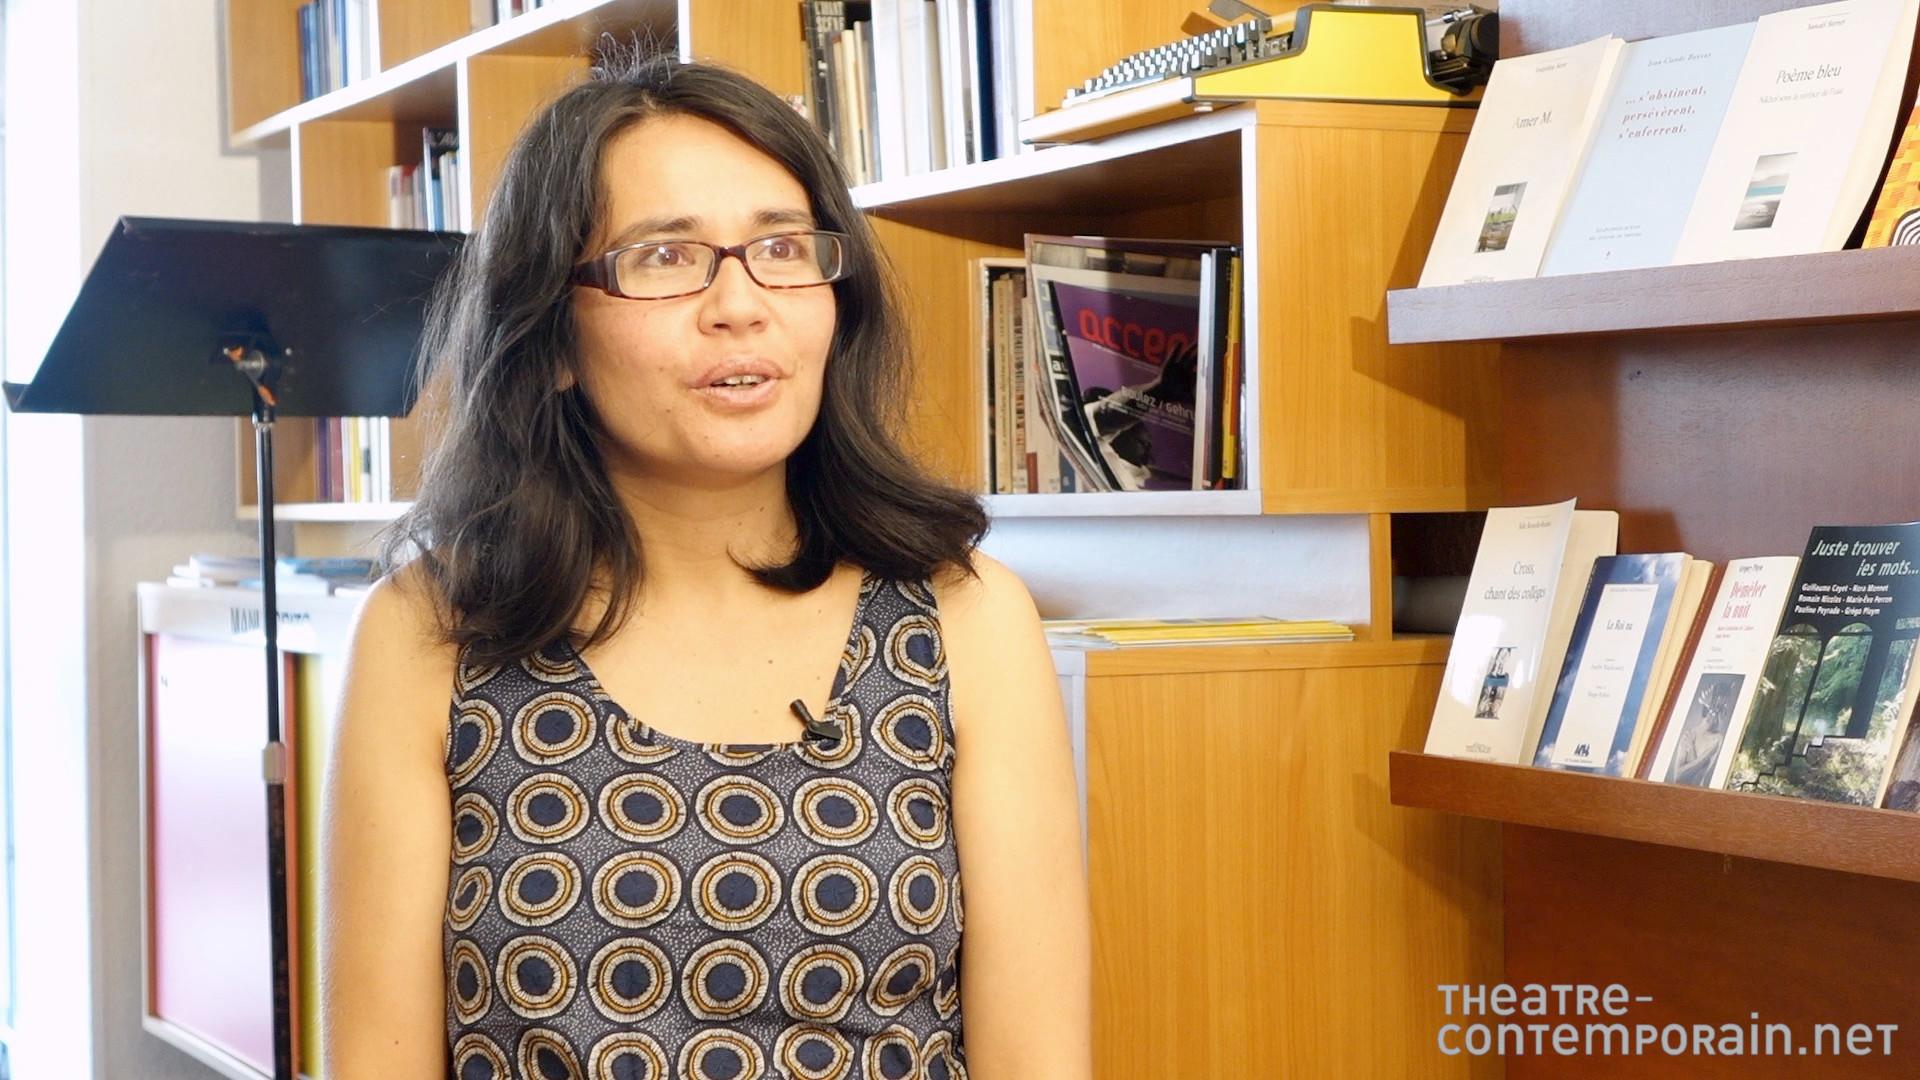 Marine Bachelot Nguyen / Le contexte menant à l'écriture